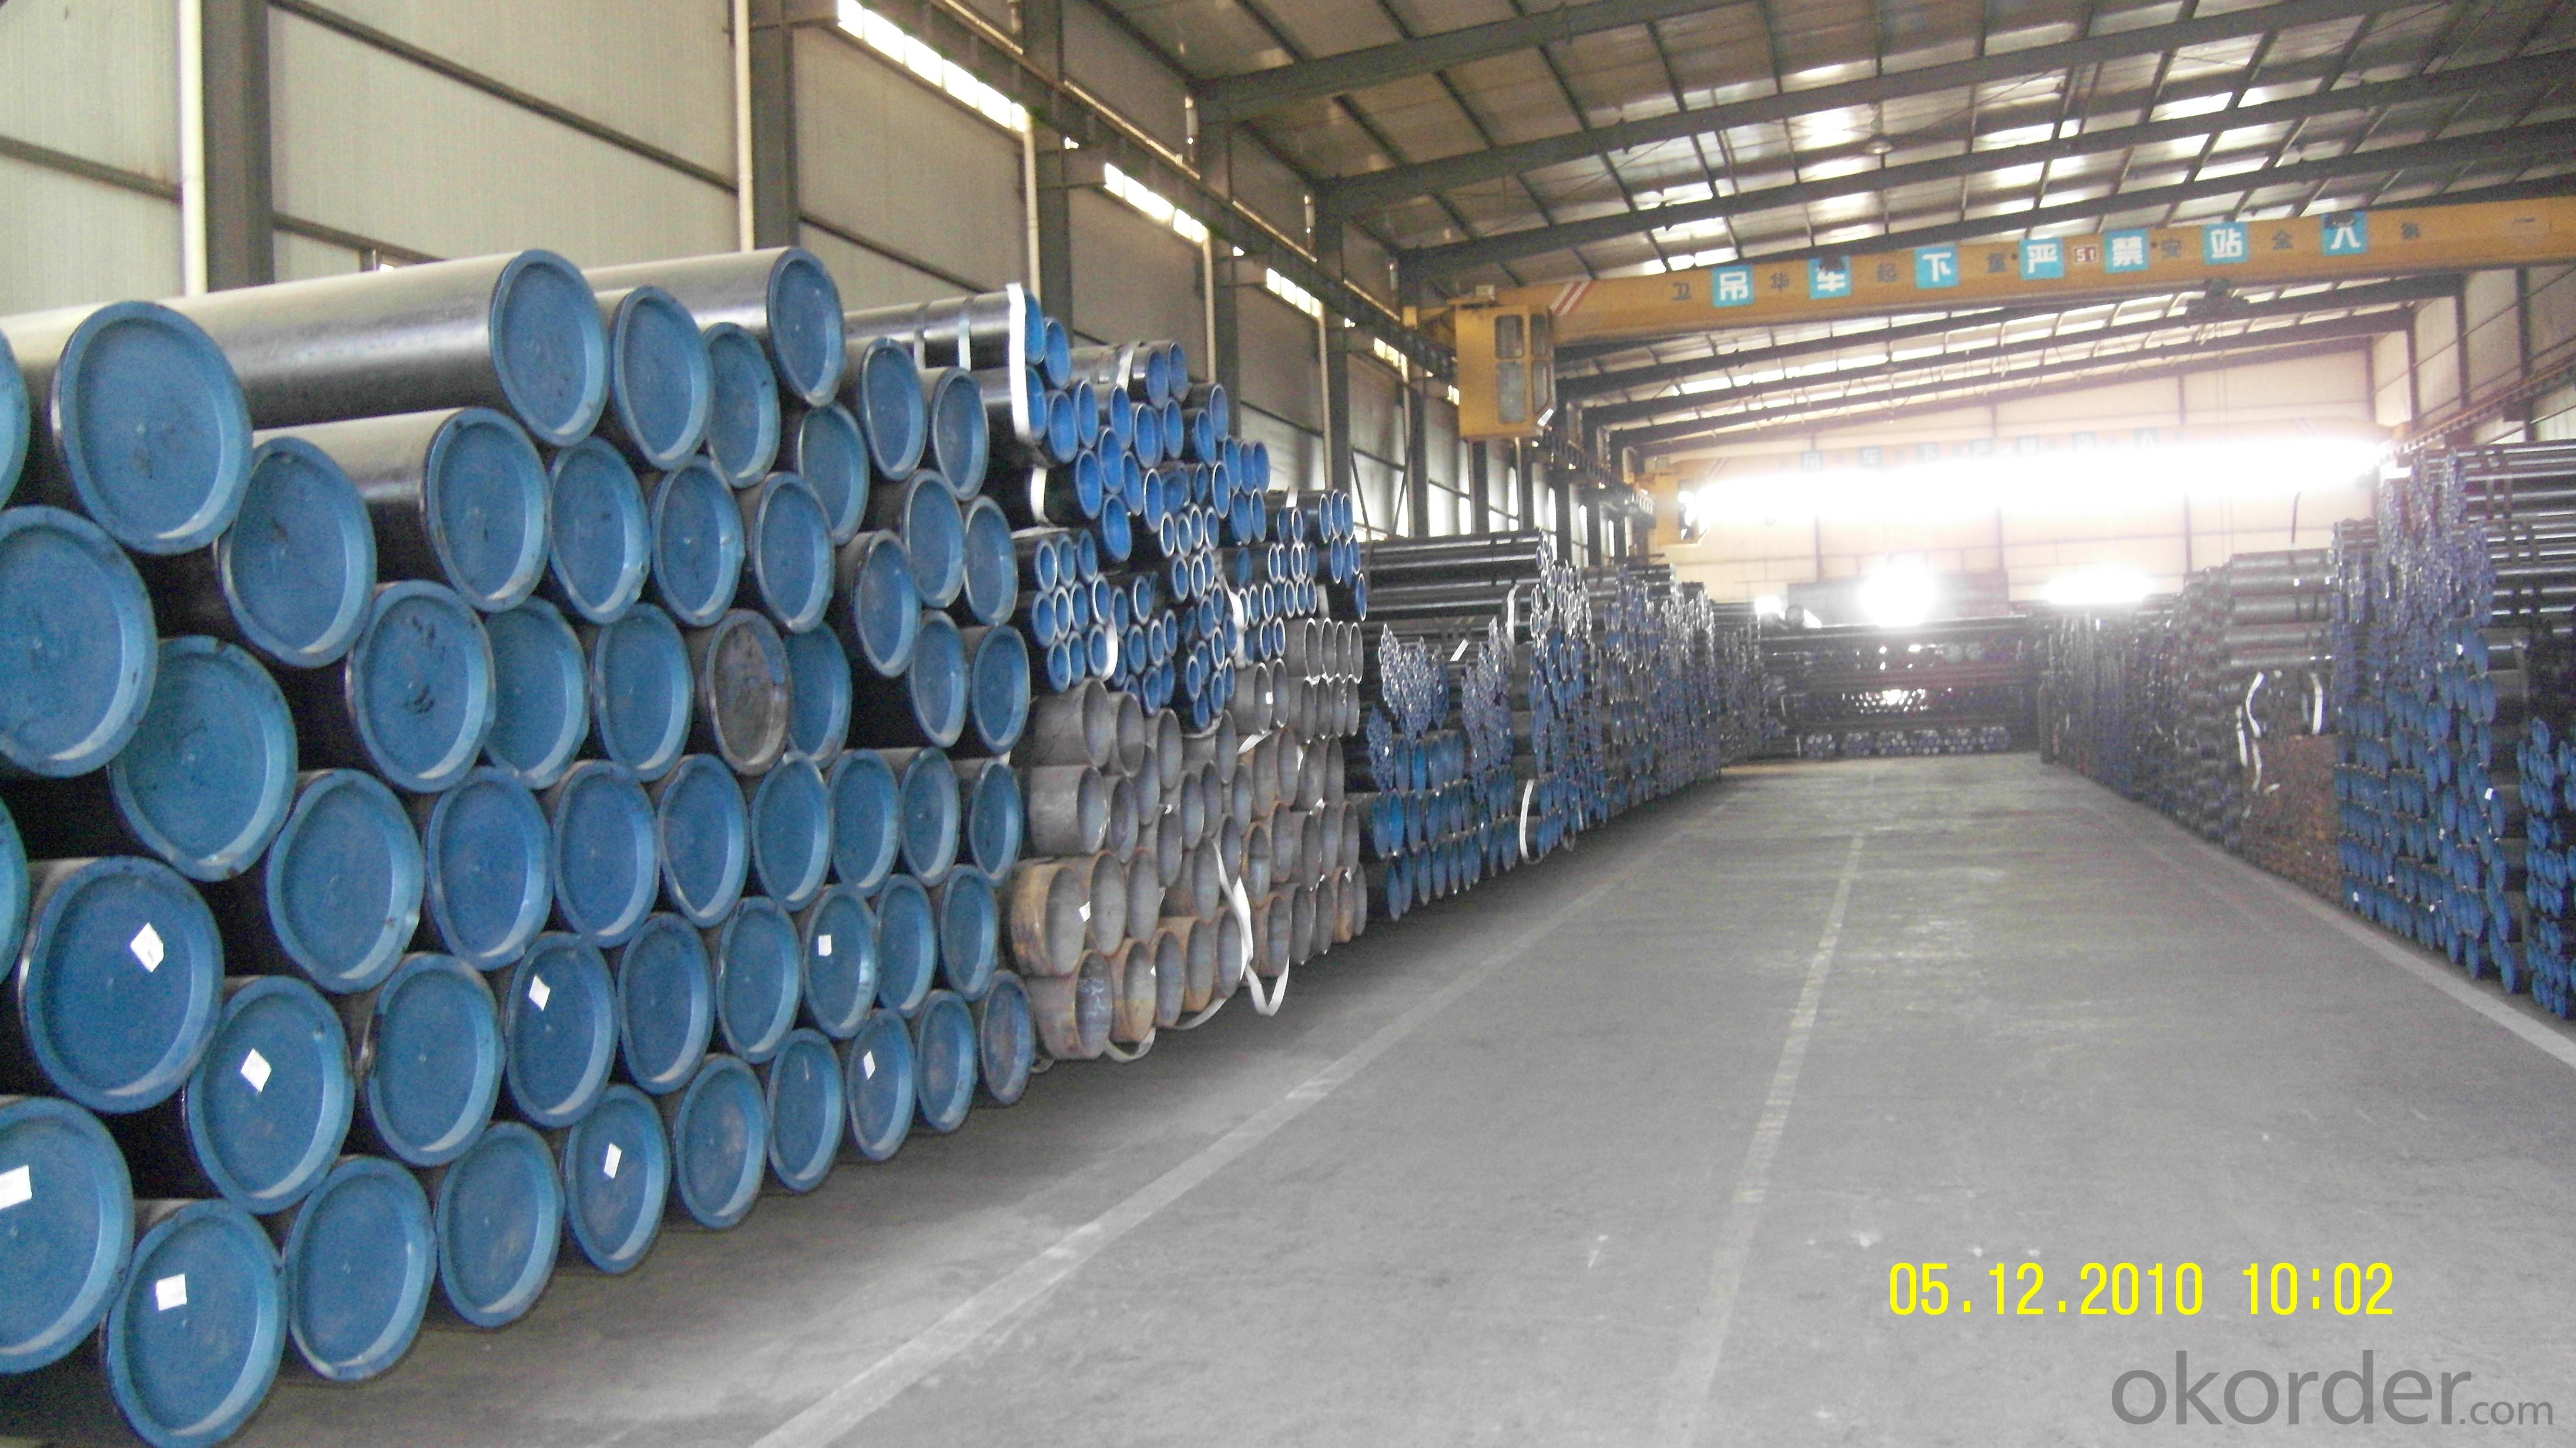 BON STEEL SEAMLESS PIPE OD > 114.3 API5L/A53/A106 GR.B